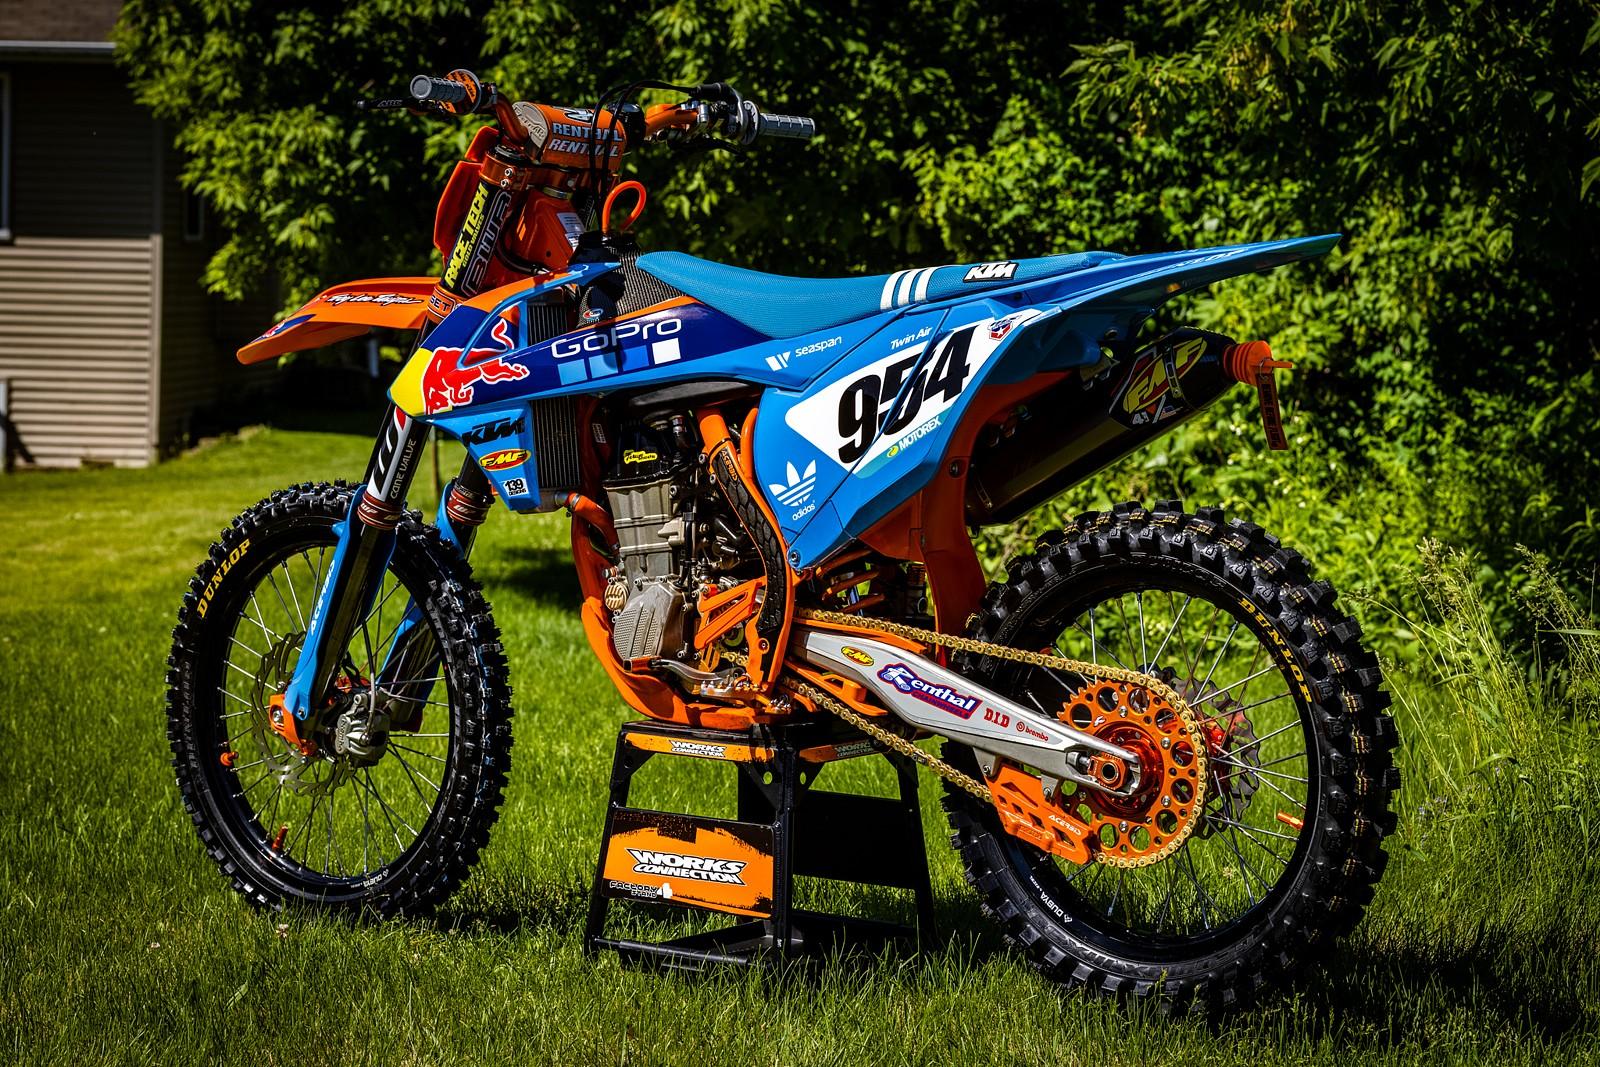 ktm 9 - GForce MMG - Motocross Pictures - Vital MX